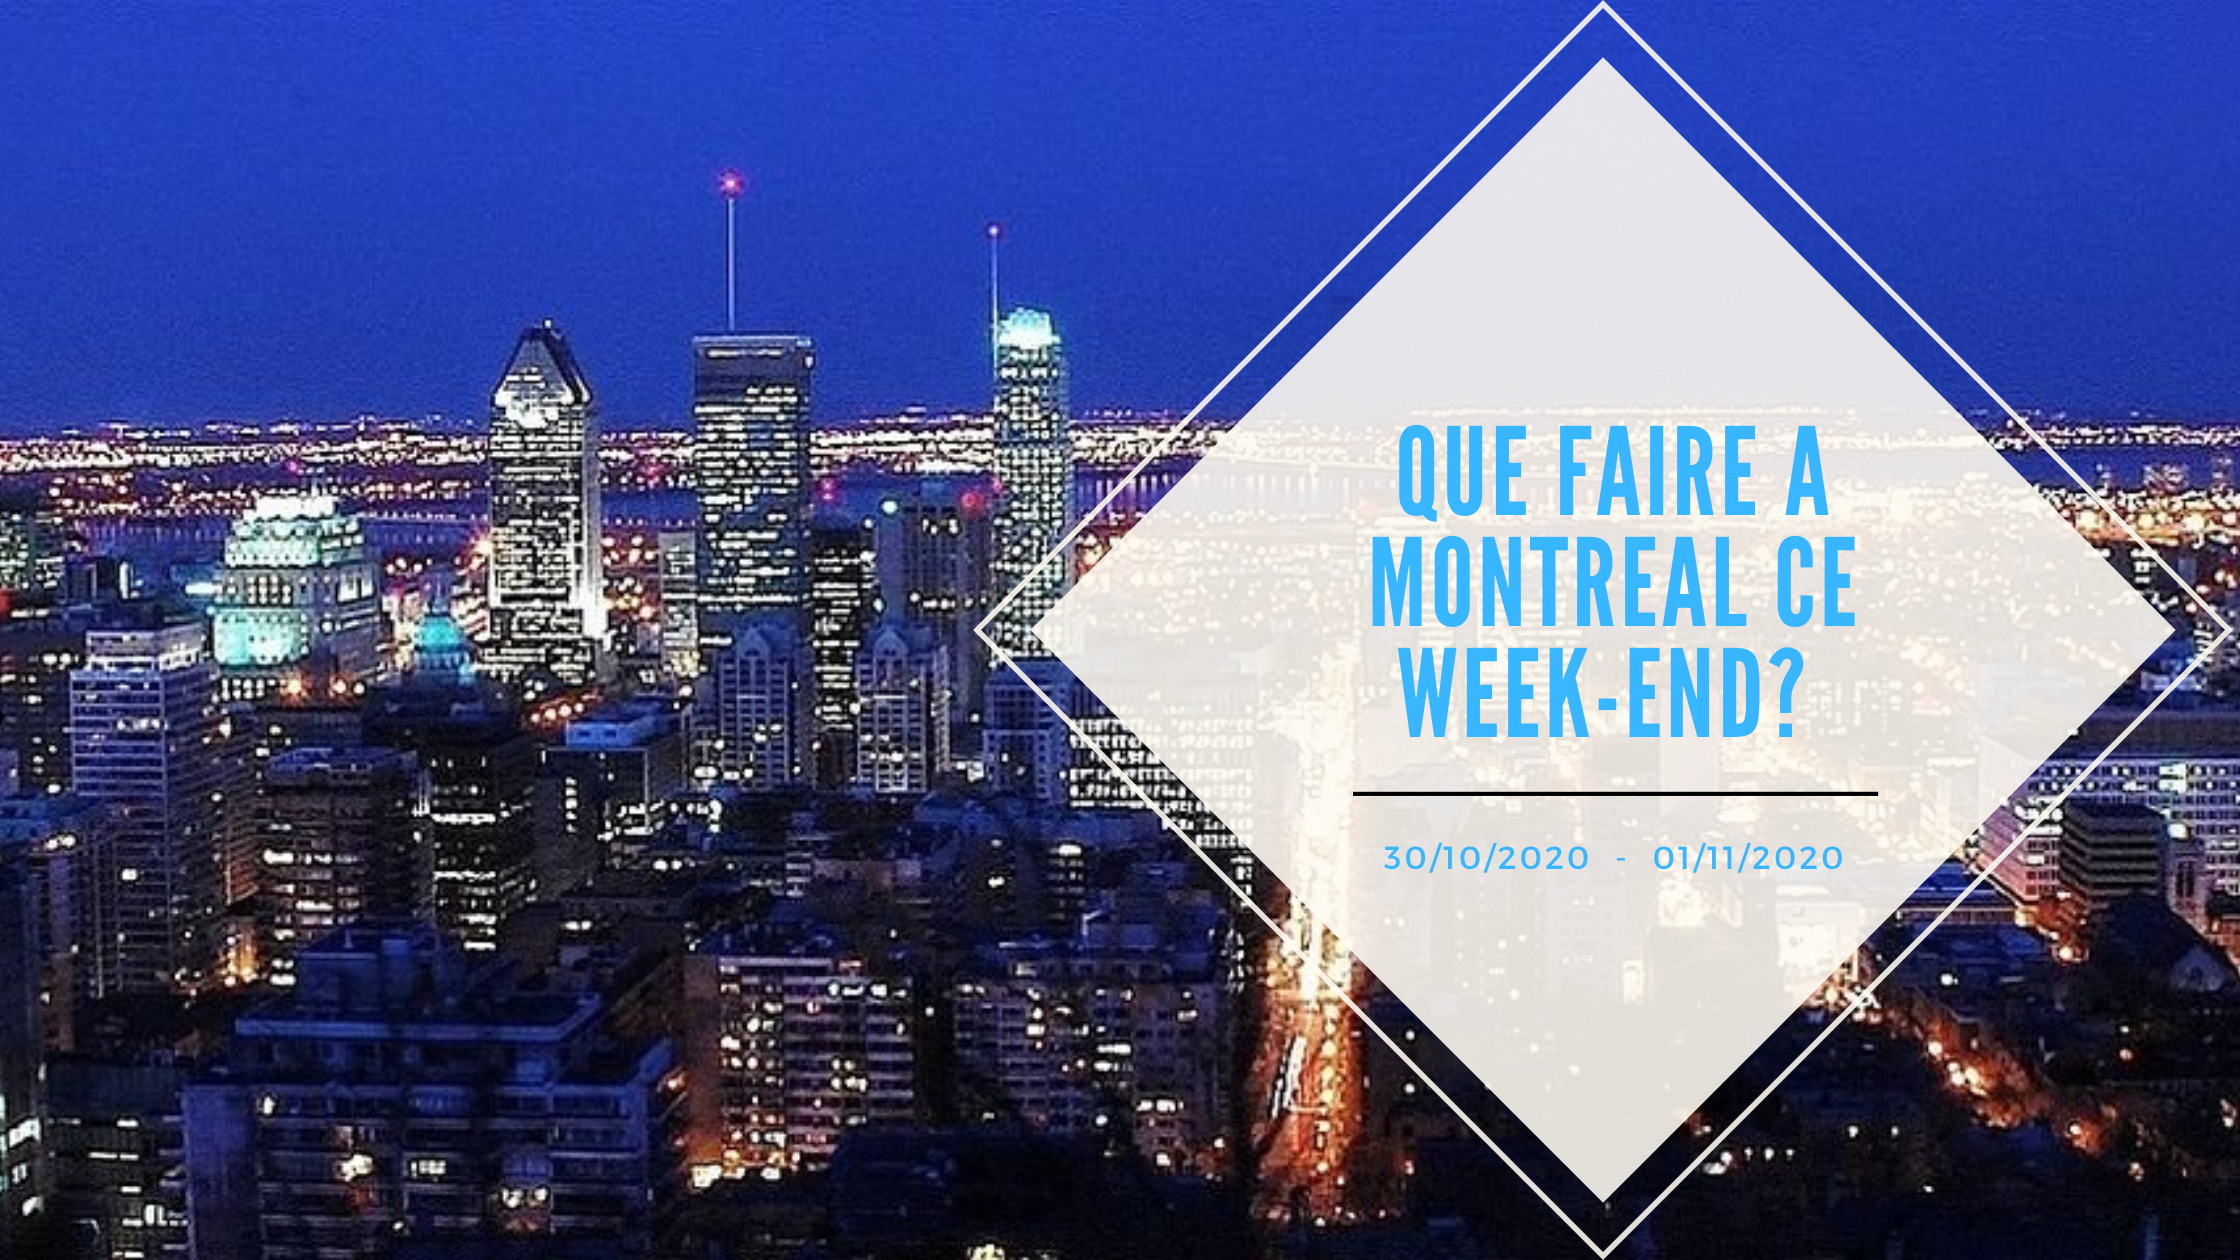 Que faire ce week-end à Montréal en ces 30, 31 Octobre et 1er Novembre ?